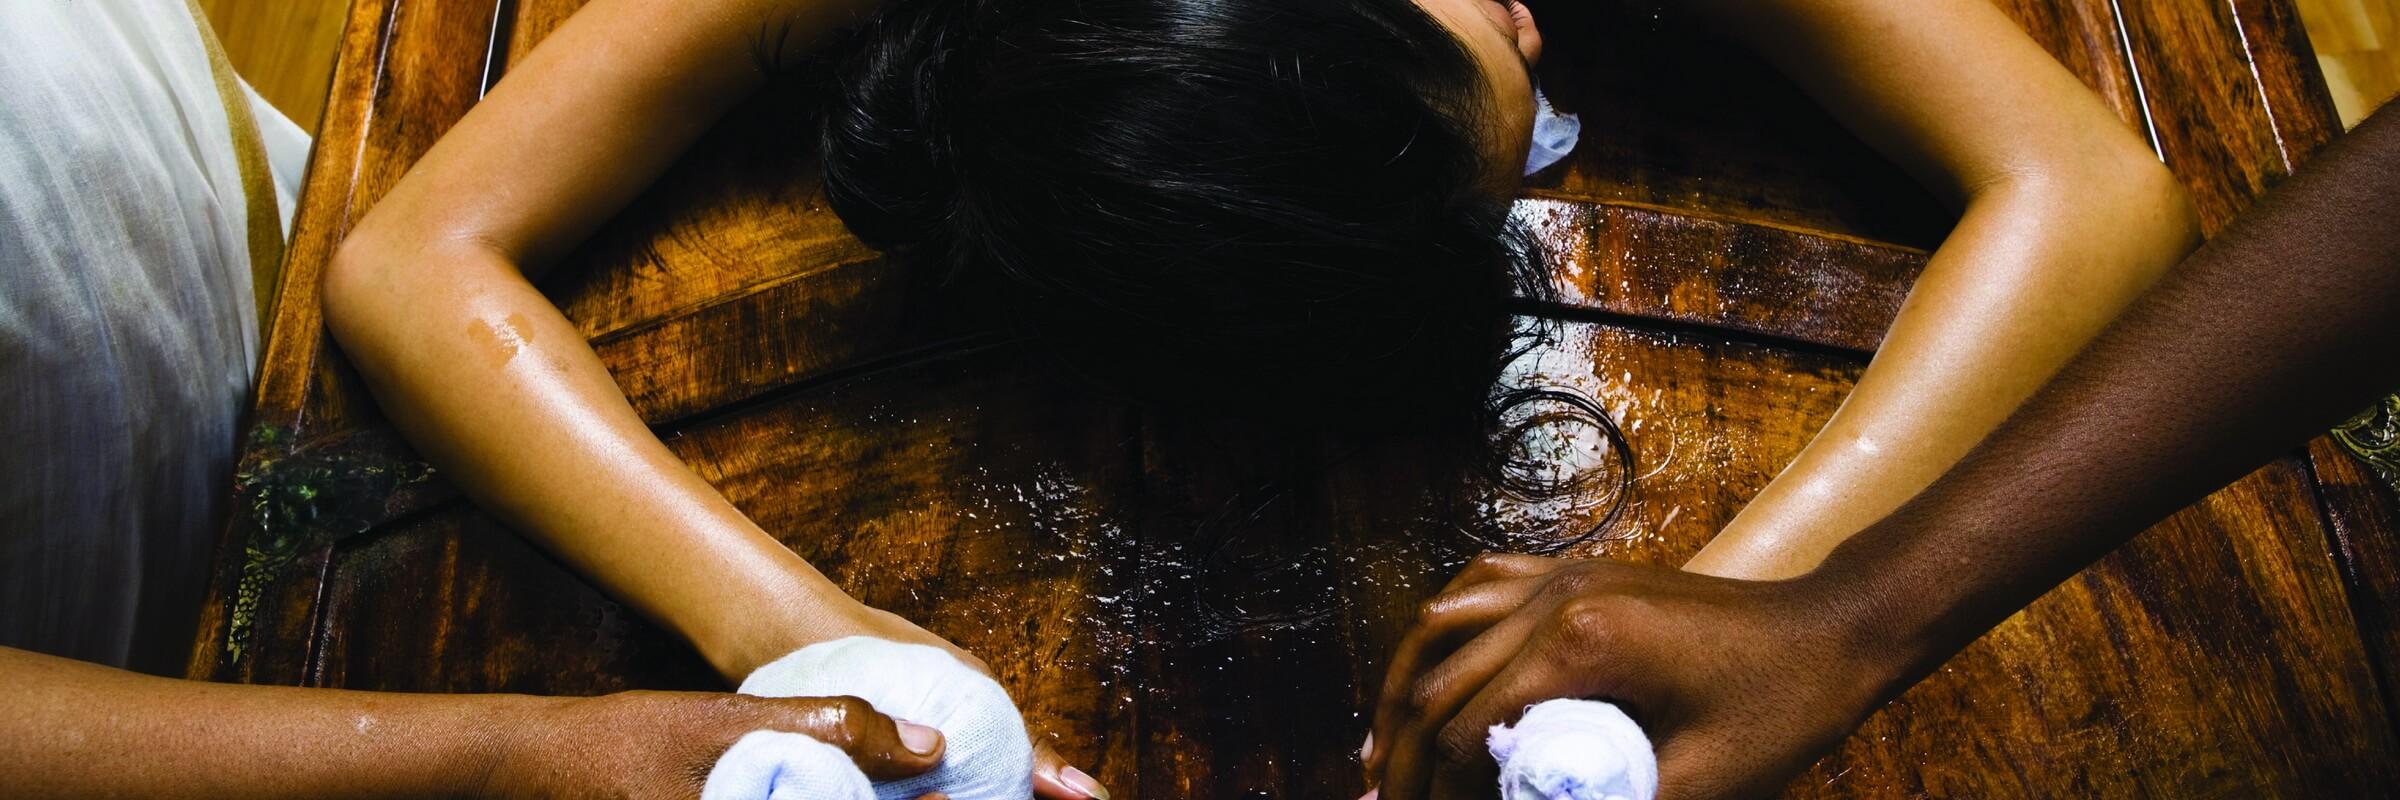 Bei einer indischen Ayurveda-Therapie werden sowohl physische als auch psychische und spirituelle Aspekte in die Behandlung einbezogen.